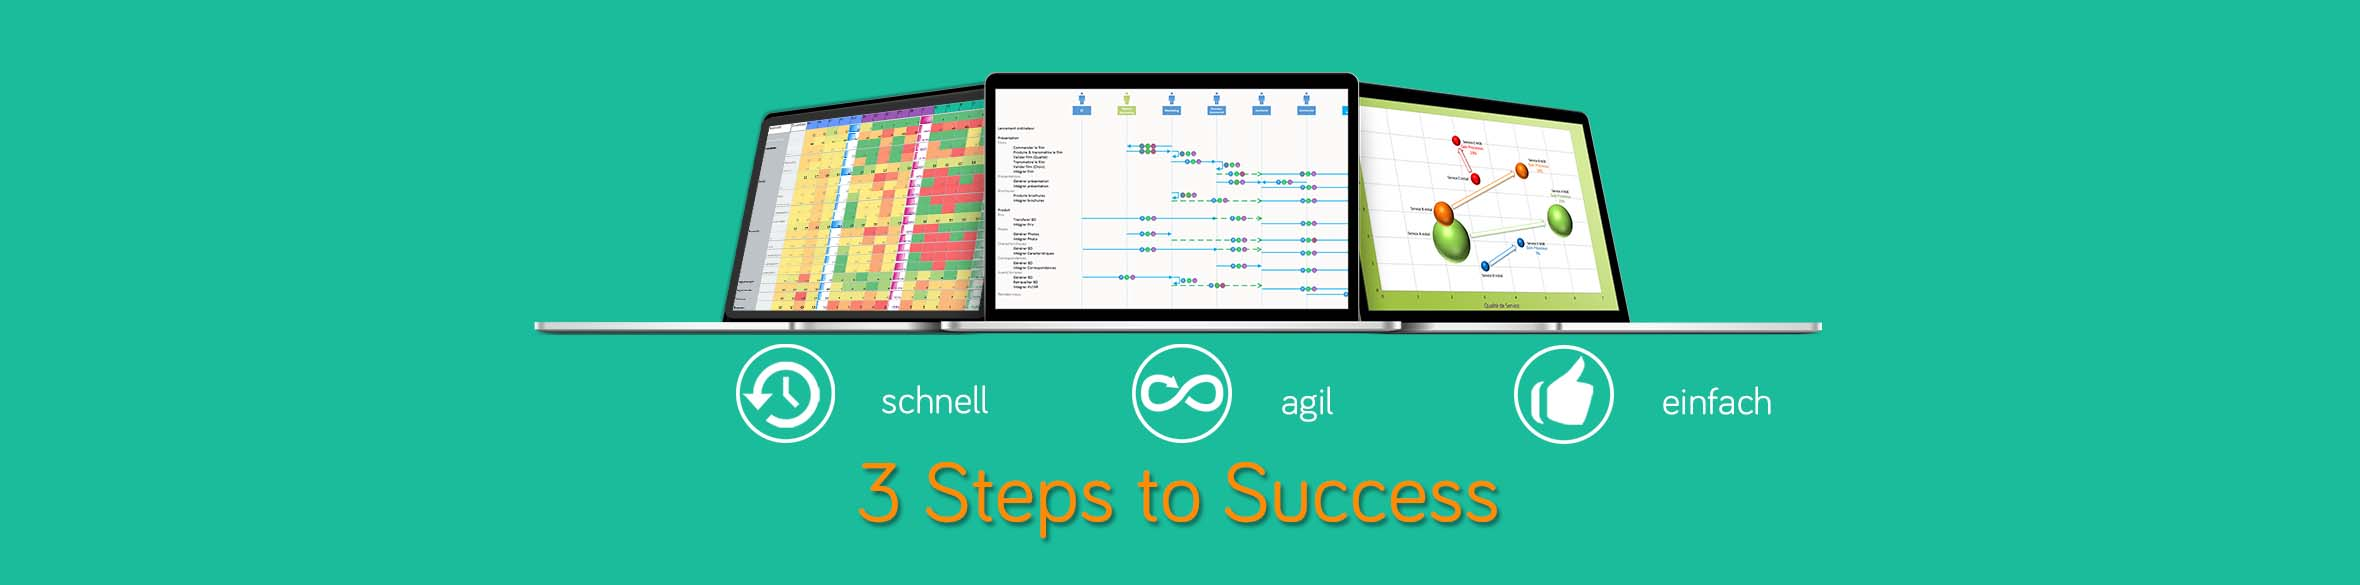 Wie Selector 3E funktioniert oder in 3 Schritten zum digitalen Erfolg : Optimierung des User Interfaces (Heatmapping), des Workflows (Heatmapping) und anschliessende visuelle, vereinfachte Gap Analysis (Bubble Chart) basierend auf den Prinzipien des Business Process Managements, des Value Stream Mapping und des Lean Managements.